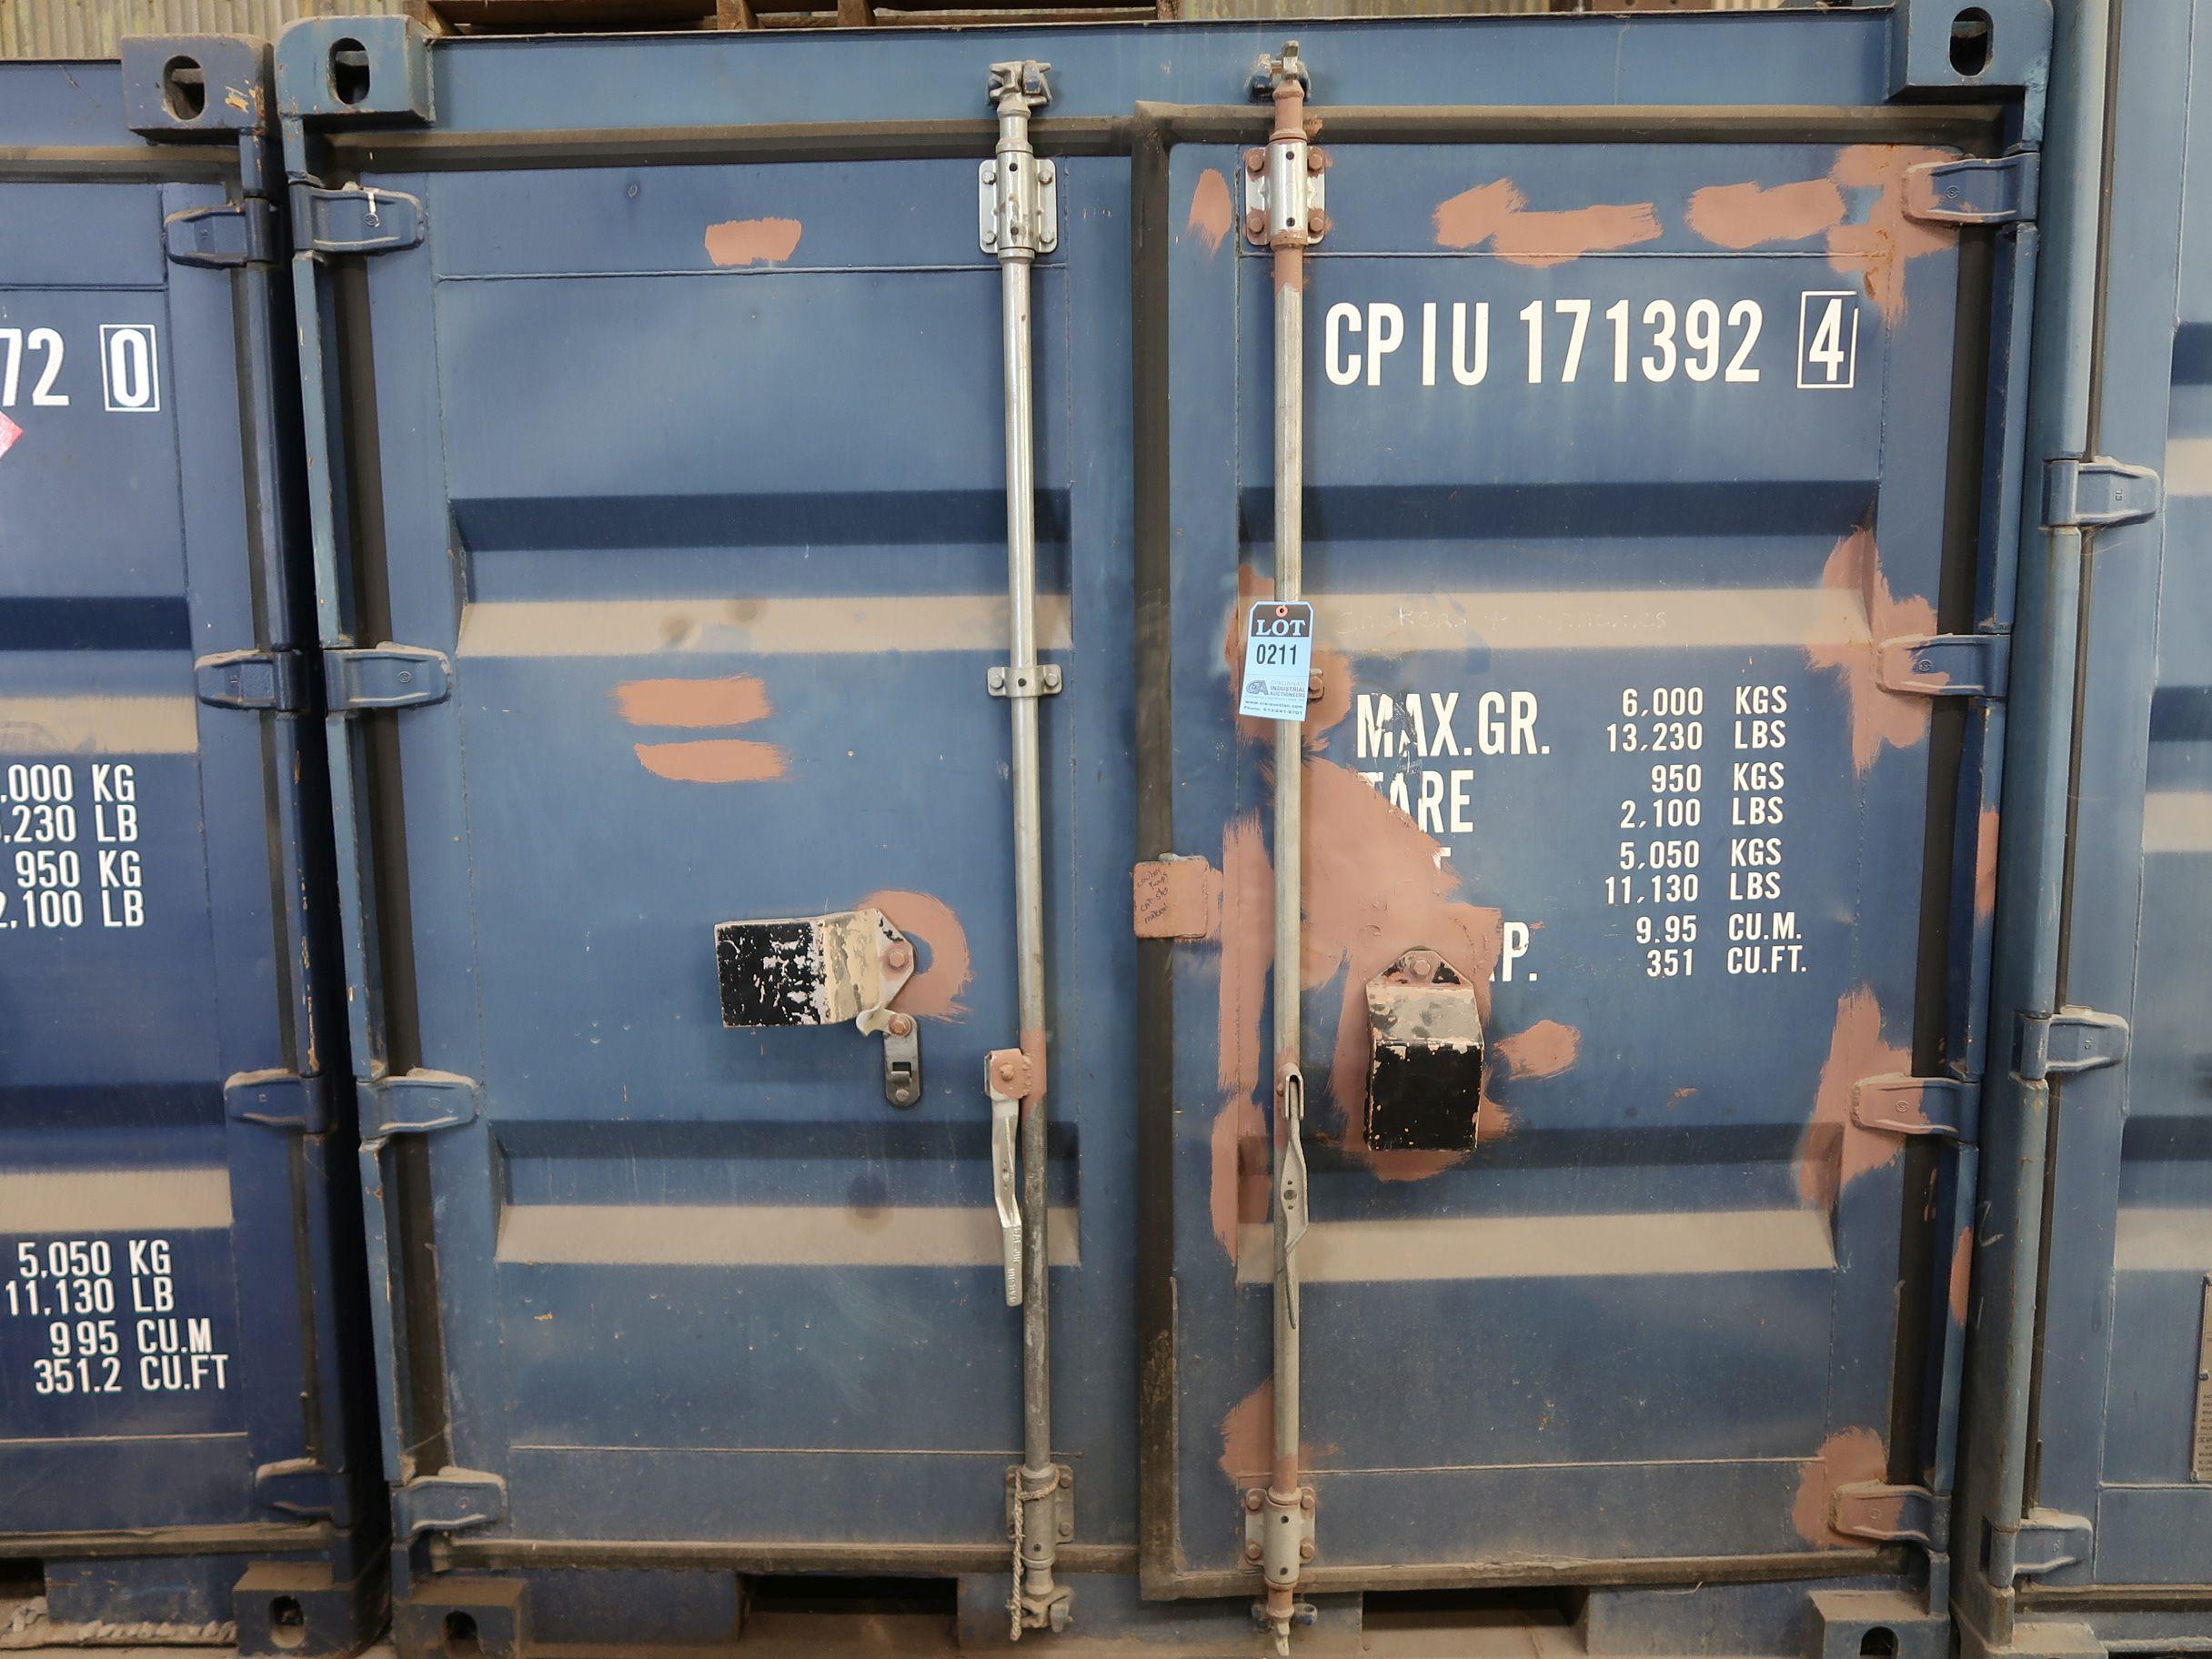 """Lot 211 - 86"""" X 96"""" X 89"""" X 351 CU. FT. CONEX STORAGE CONTAINER WITH STANDARD DOOR"""